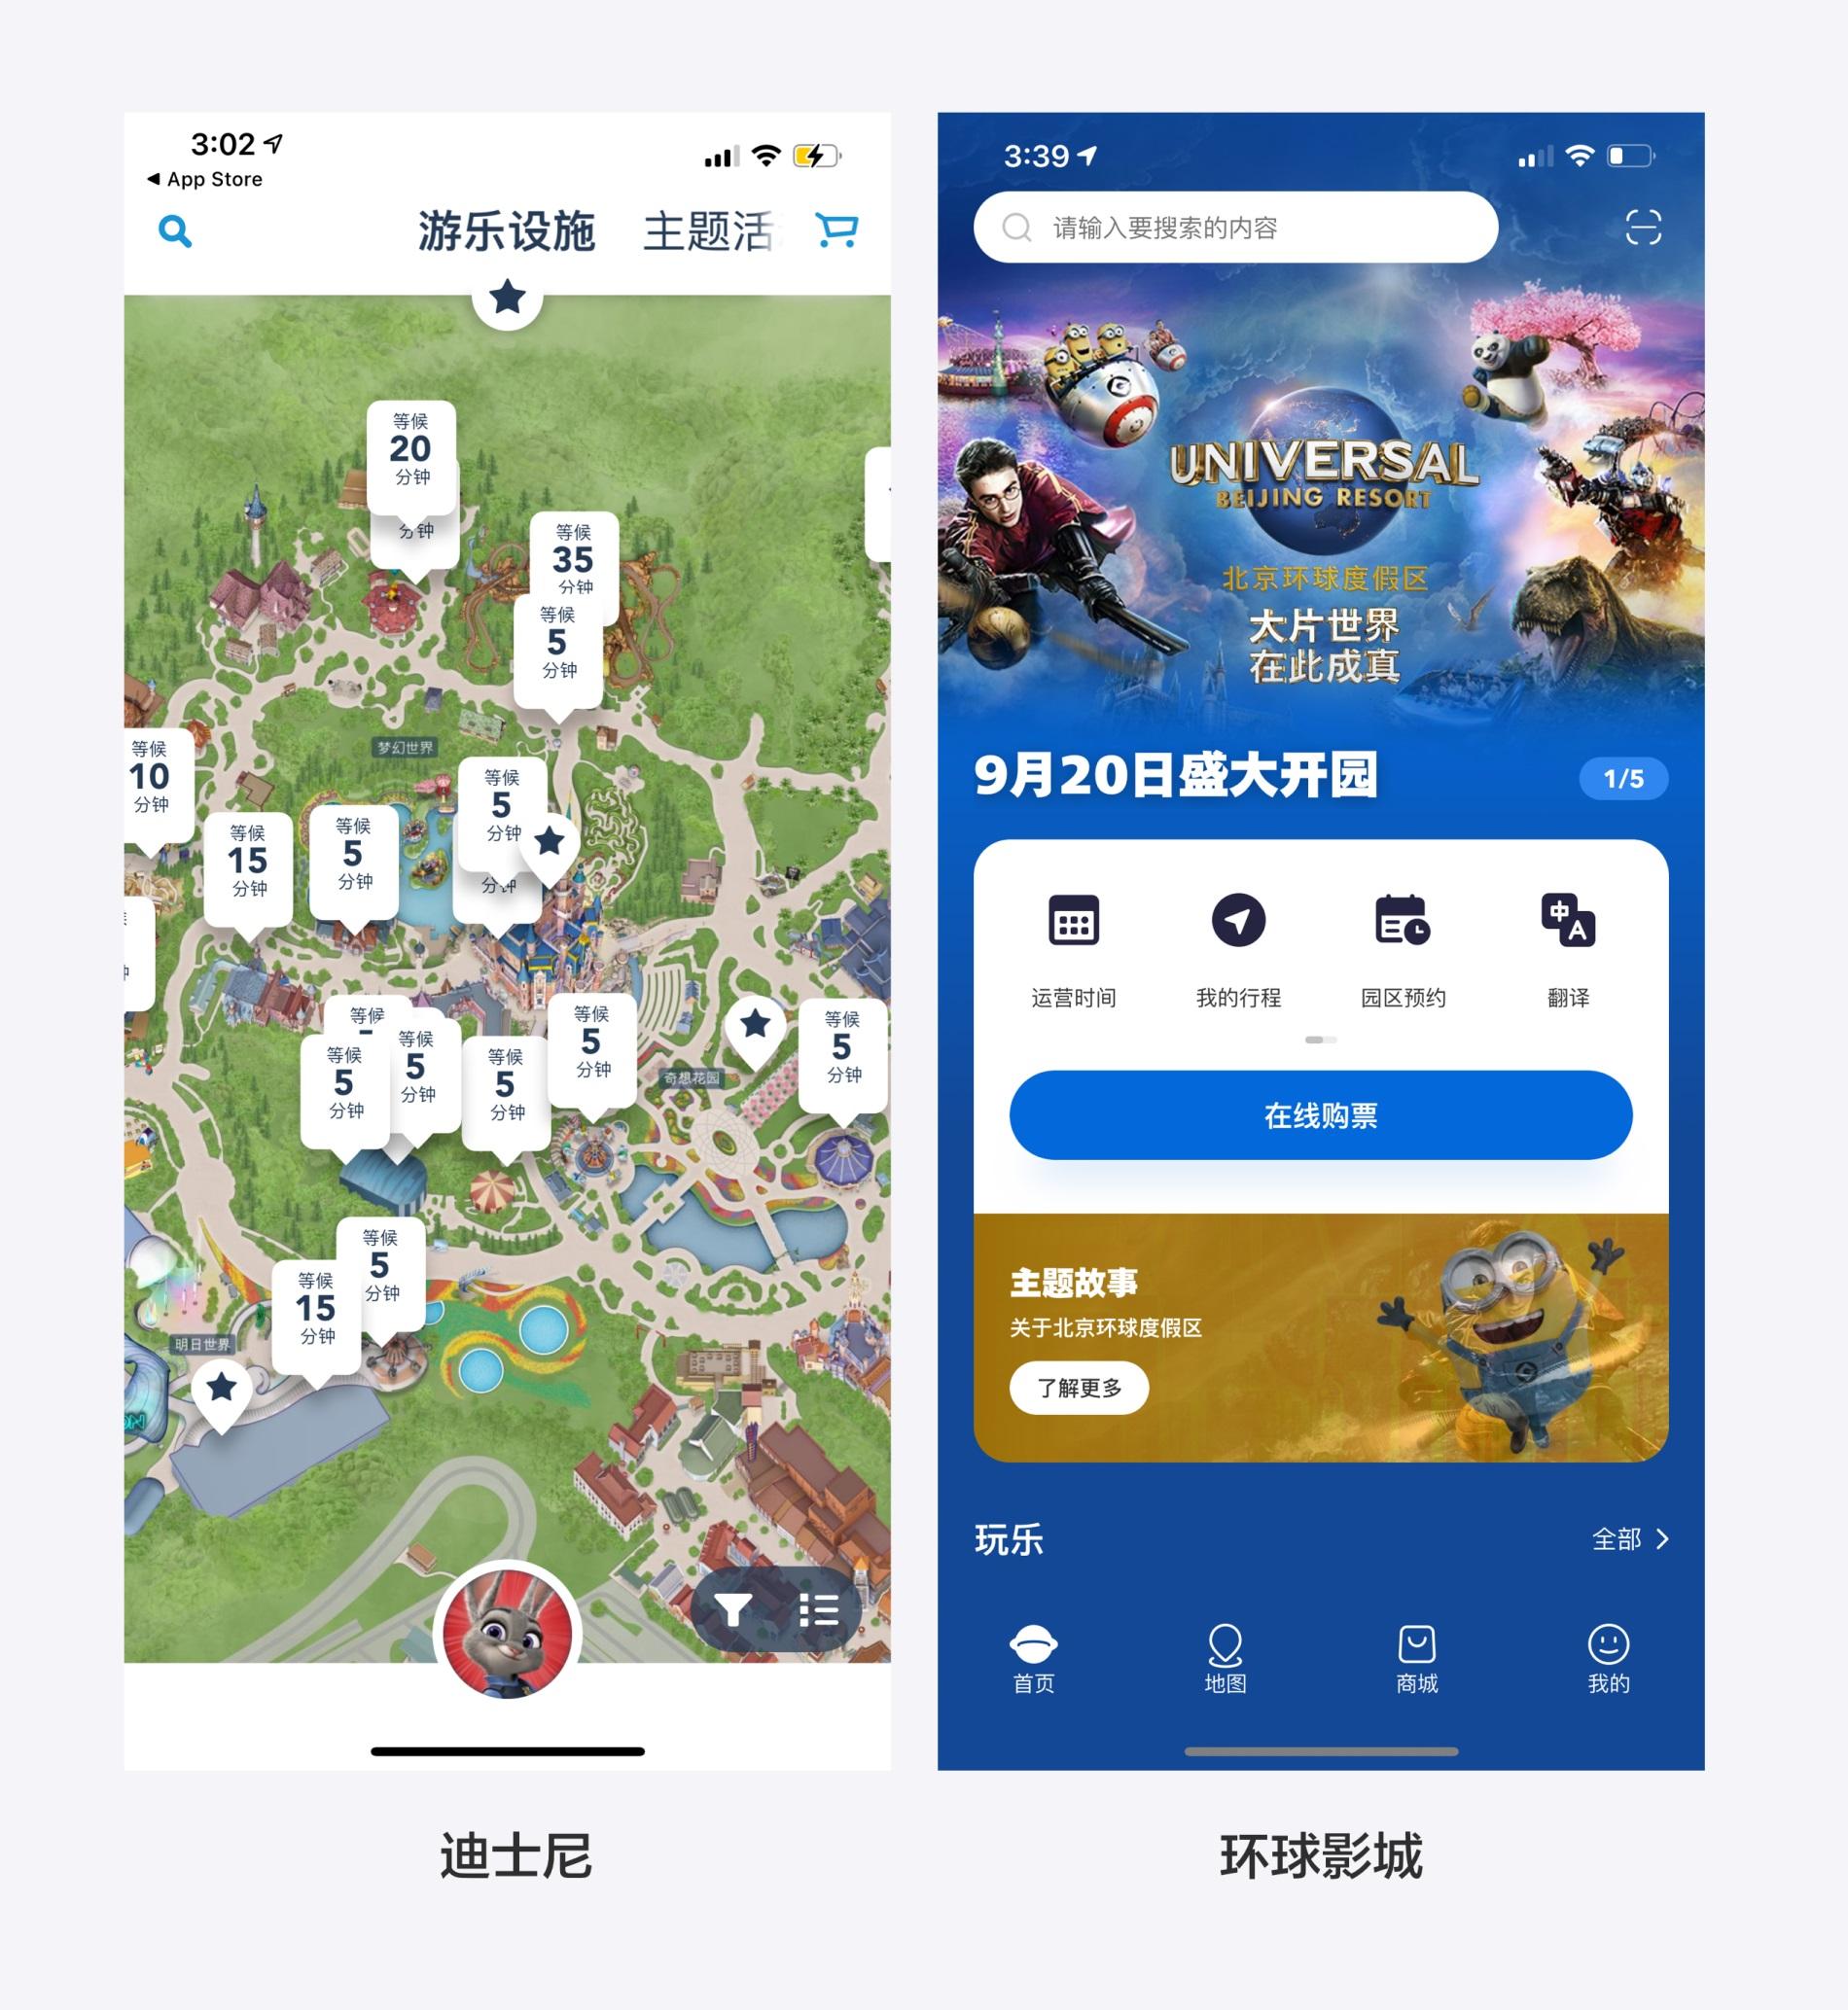 用「环球影城」App 的案例,看看设计师是如何分析优化的!